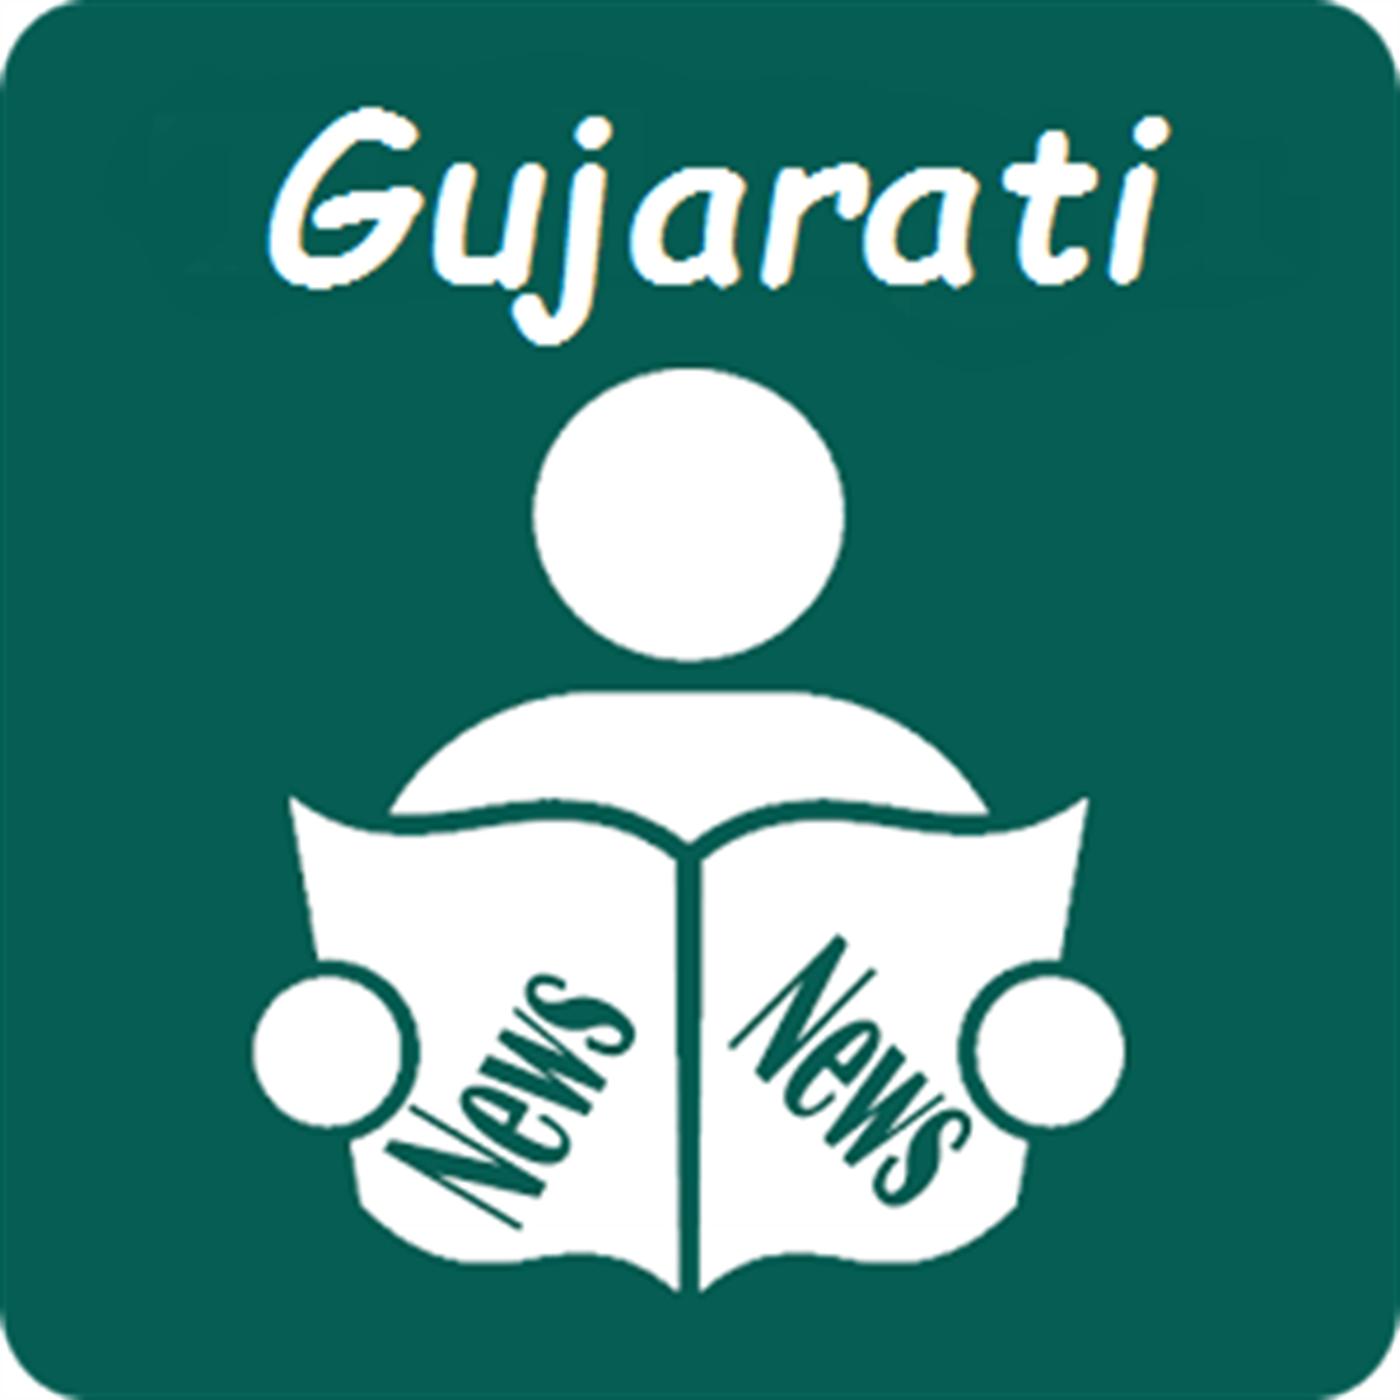 gujarati paper Akilanewscom - gujarati news - breaking news - ગુજરાતી ન્યુઝ - news in gujarati - gujarat news.